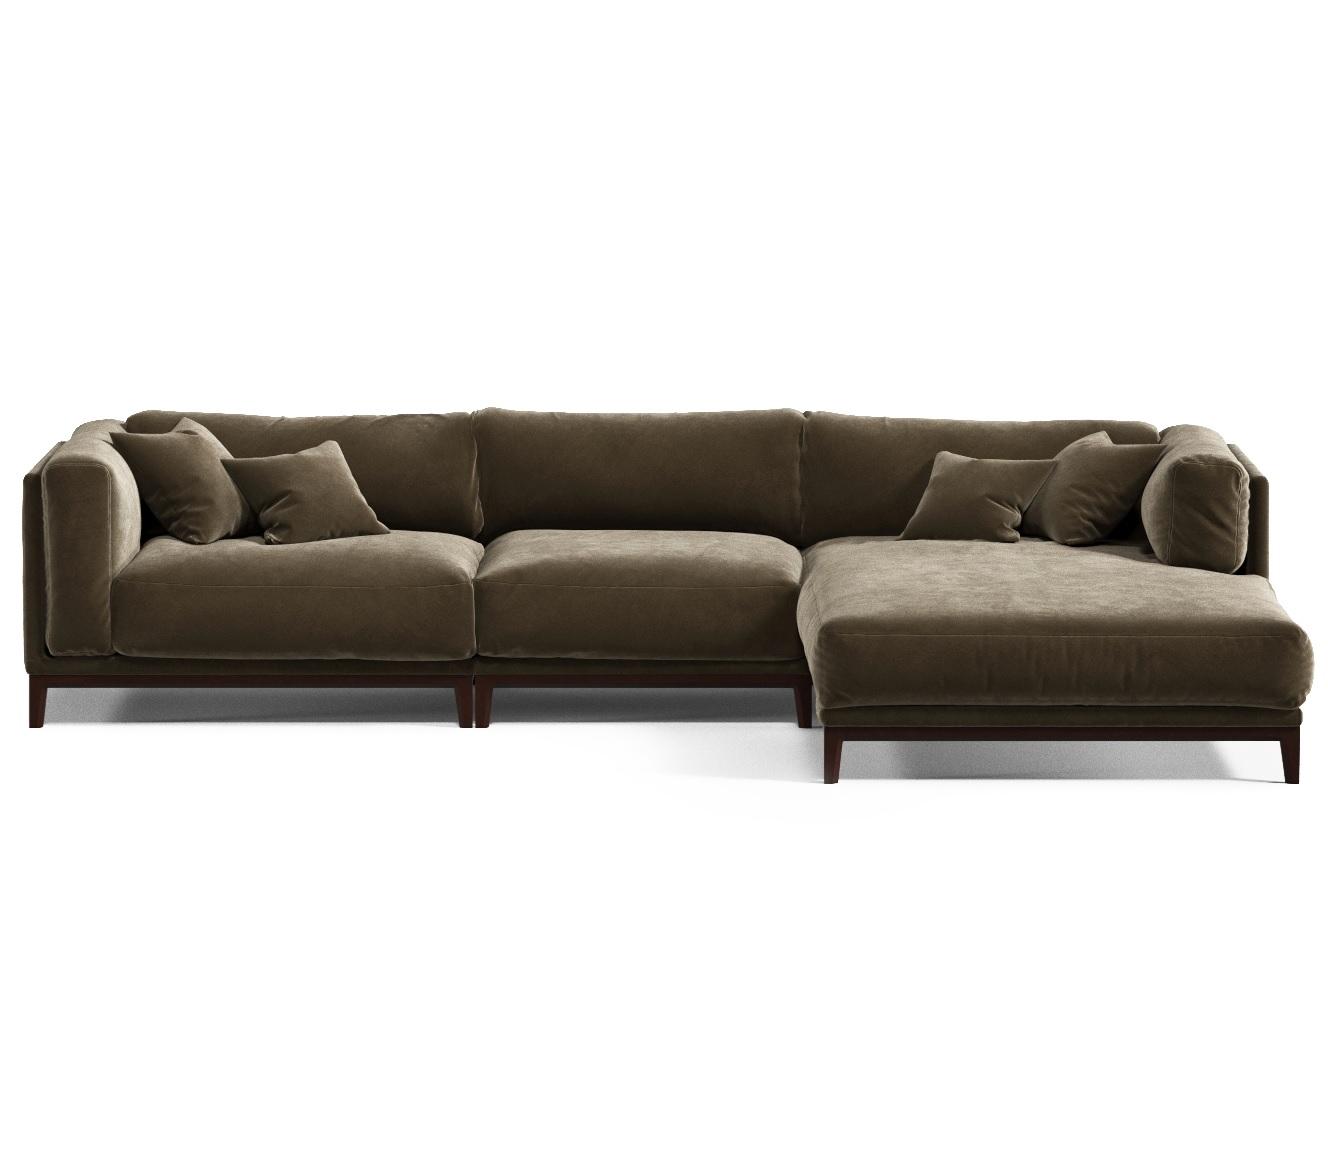 Диван Case 4Угловые диваны<br>&amp;lt;div&amp;gt;Эта модель четырехместного дивана подойдет в любые помещения благодаря модульной конструкции, современному дизайну и эргономичному наполнителю. Объемные подушки из прорезиненного пенополиуретана нескольких степеней жесткости вместе с удобной глубокой посадкой создают необычайно комфортную зону отдыха и легко восстанавливают форму.&amp;lt;br&amp;gt;&amp;lt;/div&amp;gt;&amp;lt;div&amp;gt;&amp;lt;br&amp;gt;&amp;lt;/div&amp;gt;&amp;lt;div&amp;gt;Все чехлы съемные, их легко стирать. Диваны не имеют оборотной стороны и могут устанавливаться в центре помещения. В комплекте с диваном поставляются декоративные подушки.&amp;amp;nbsp;&amp;lt;div&amp;gt;Диван Case доступен к заказу в нескольких категориях ткани и с 5 вариантами тонировки ножек. Кроме того, возможен заказ дивана Case в индивидуальном размере и в собственной ткани.&amp;lt;/div&amp;gt;&amp;lt;div&amp;gt;Вы можете выбрать любой цвет обивки из палитры. В категории 2 цена без изменения. Категории 1 и 3 цена по запросу у менеджера.&amp;amp;nbsp;&amp;lt;div&amp;gt;Также возможны нестандартные варианты сочетания обивки и отделки дивана. Гарантия на изделия составляет 3 года.&amp;lt;/div&amp;gt;&amp;lt;/div&amp;gt;&amp;lt;/div&amp;gt;<br><br>Material: Текстиль<br>Length см: None<br>Width см: 342<br>Depth см: 195<br>Height см: 80<br>Diameter см: None